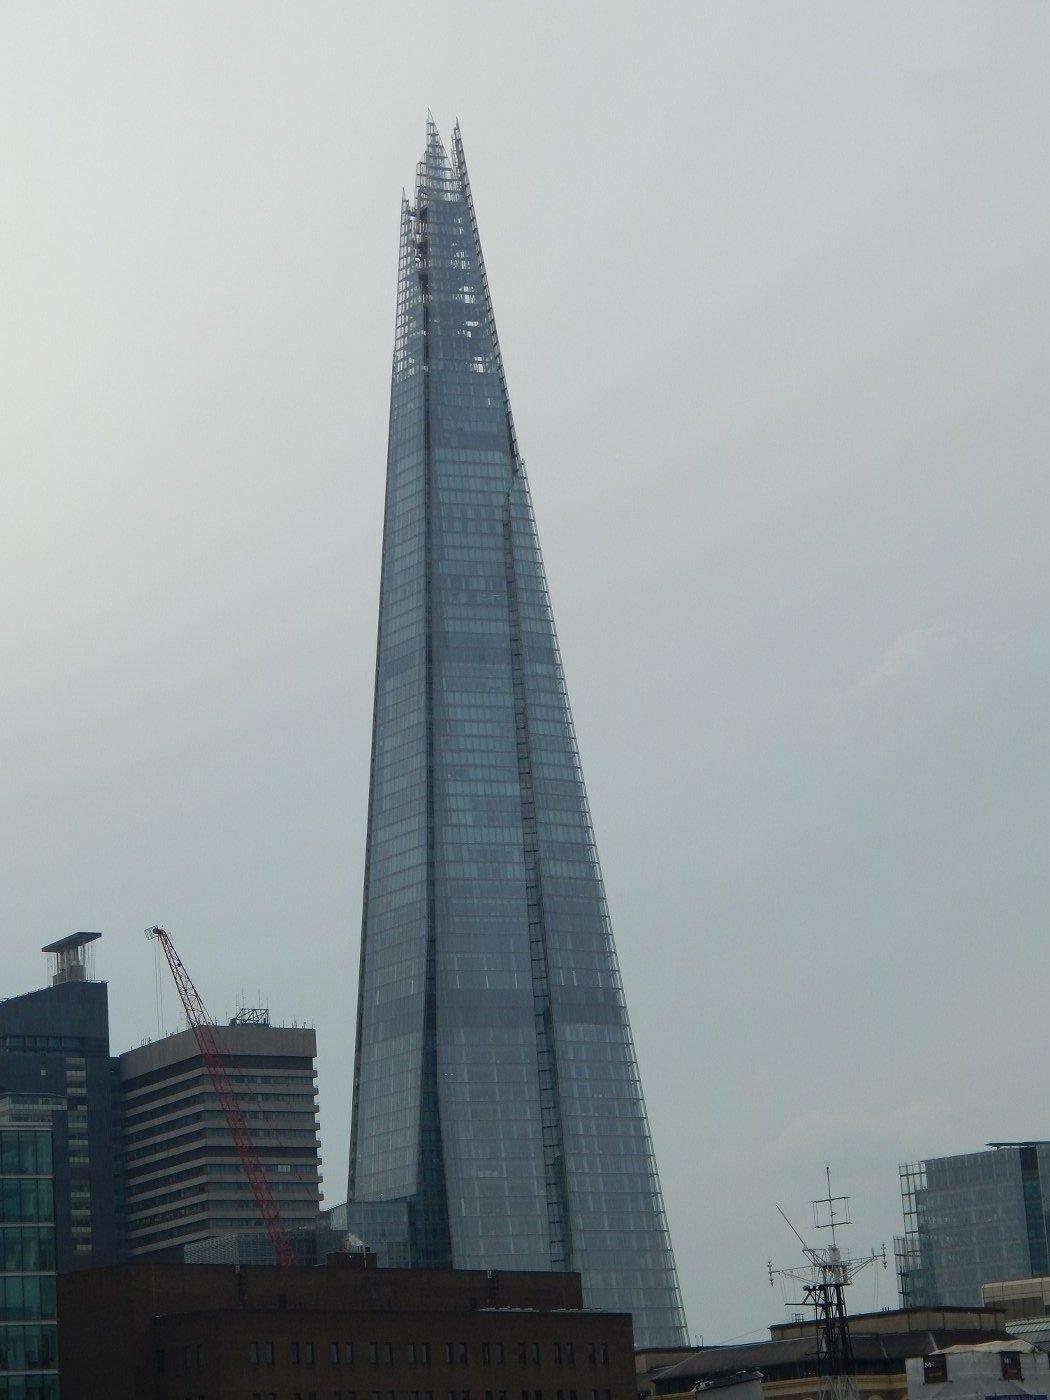 2017_03_22-25_london-81